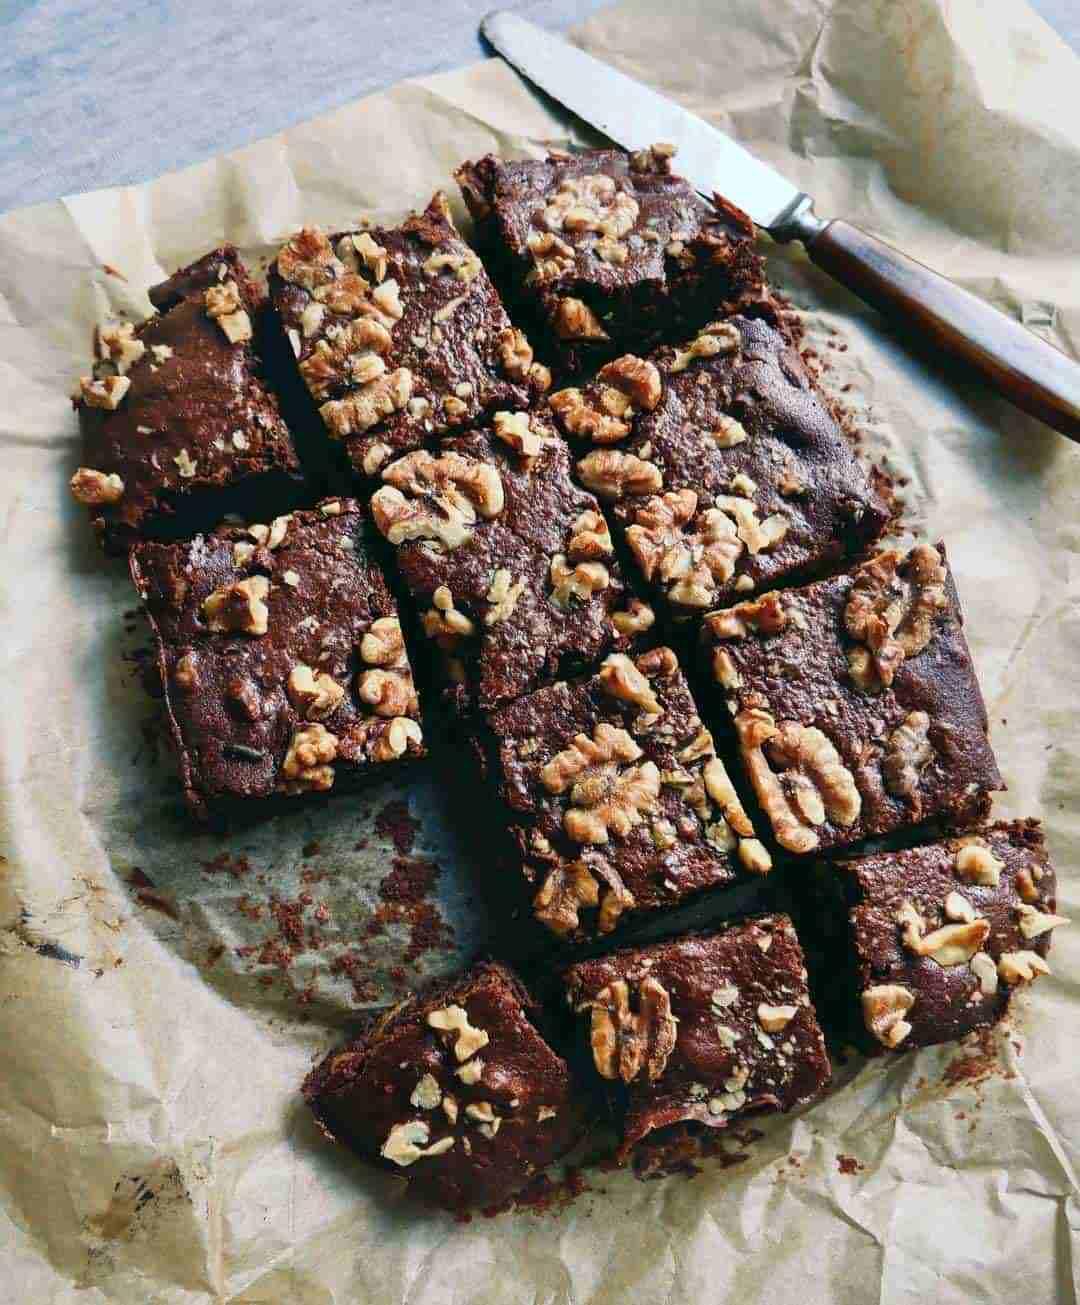 vegansk opskrift på chokolade brownies med valnødder